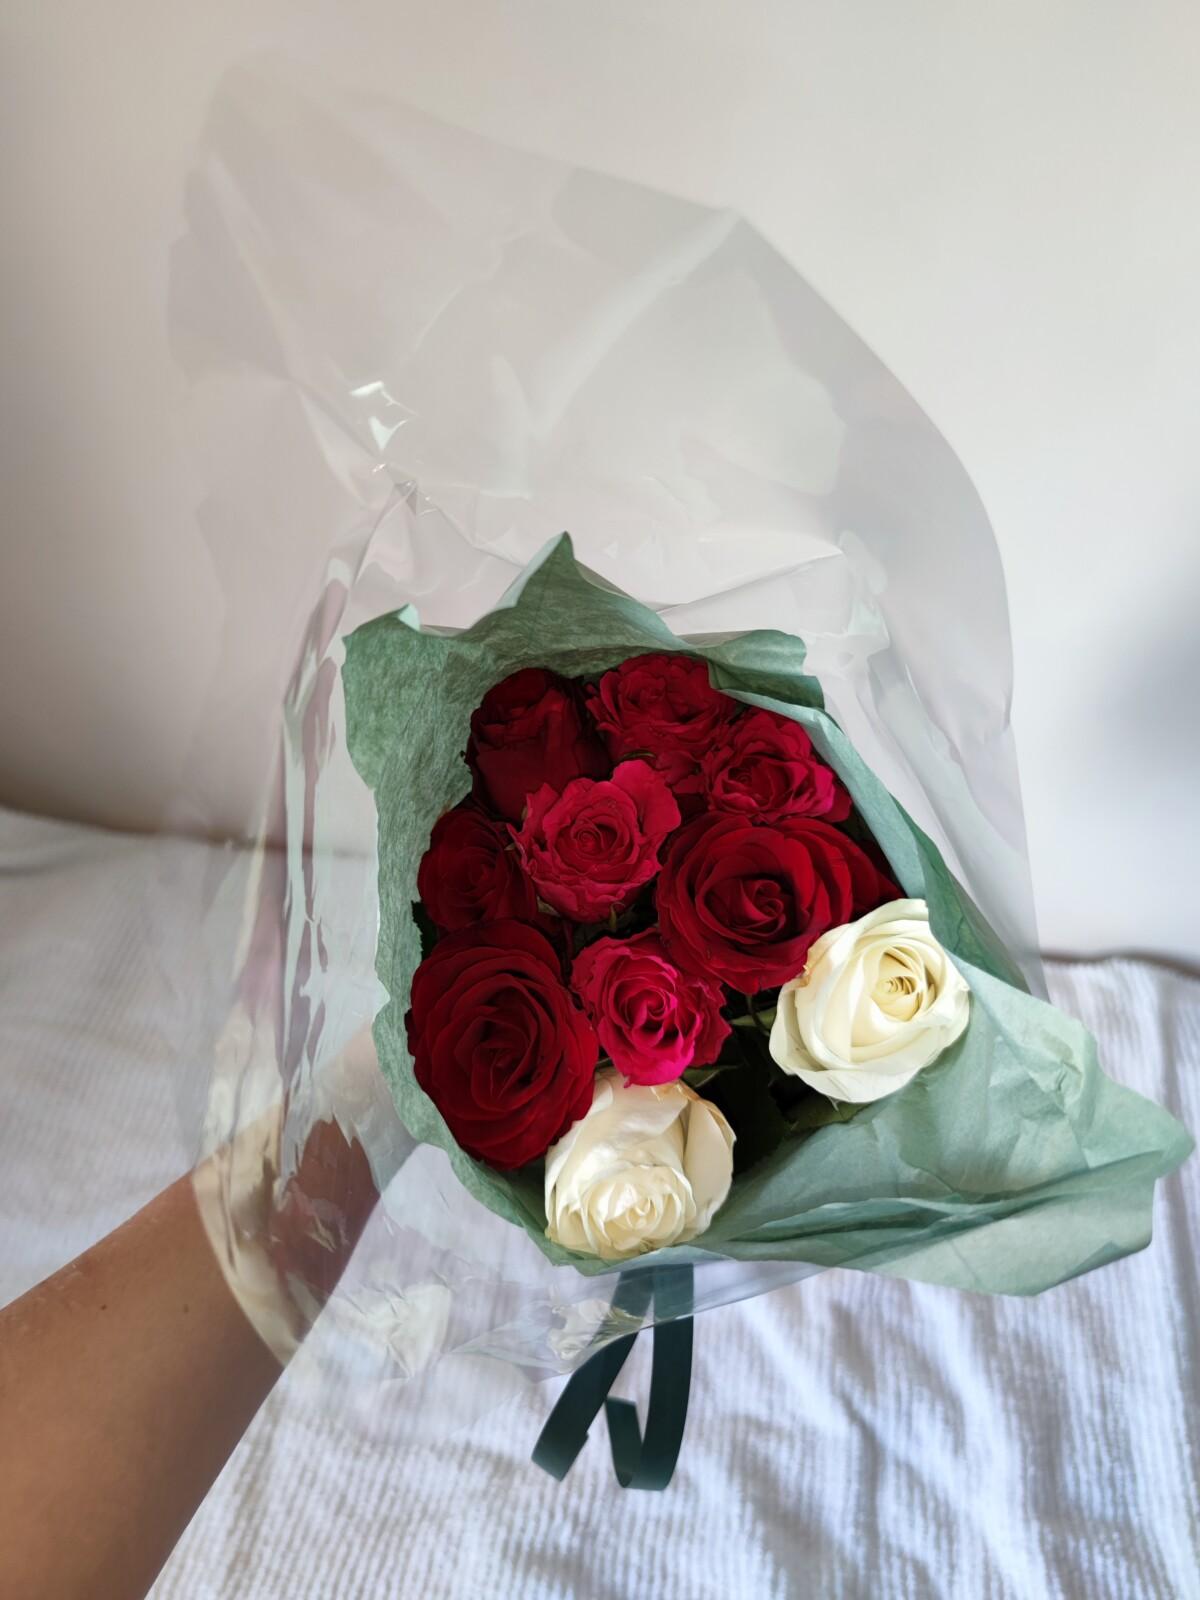 bursdag-30årsdag-bursdagselskap-30år-isalicious-isalicious1-look-sminke-antrekk-venner-30årslag-supriseparty-party-bestevenner-lykkelig-isalicious.blogg-blomster-roser